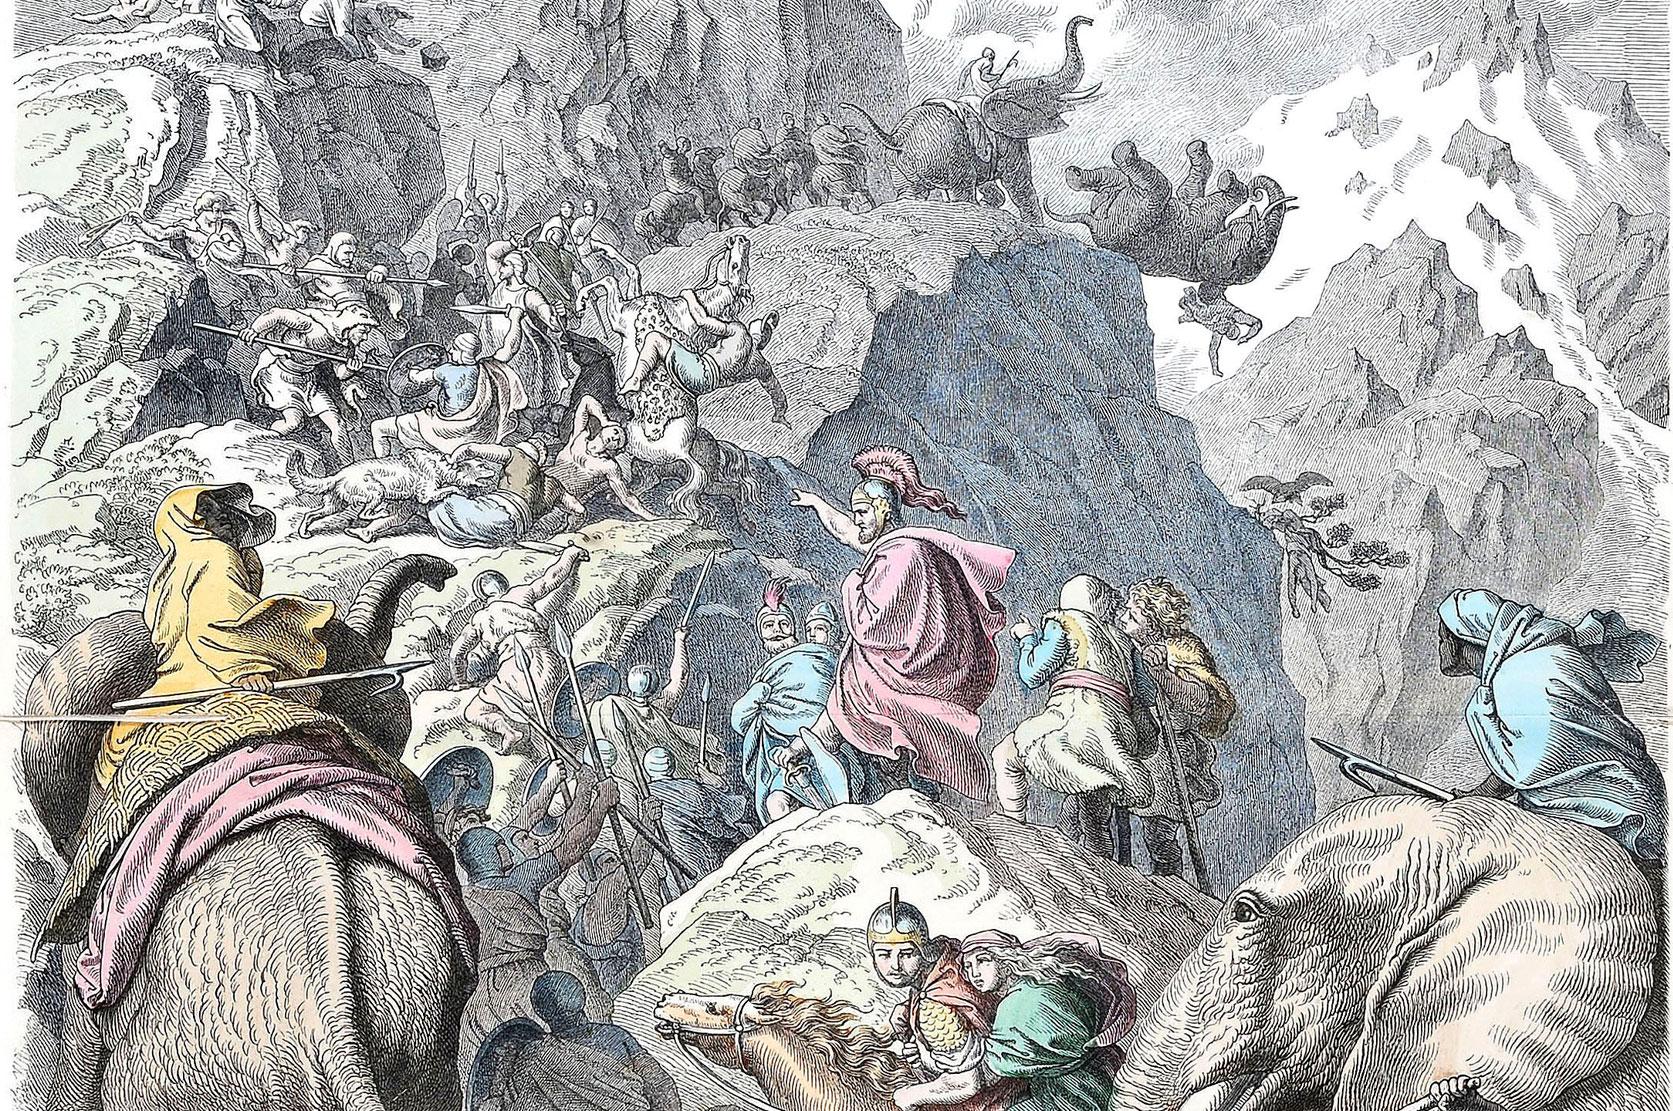 HEINRICH LEUTEMANN (MÜNCHENER BILDERBOGEN, 1848)